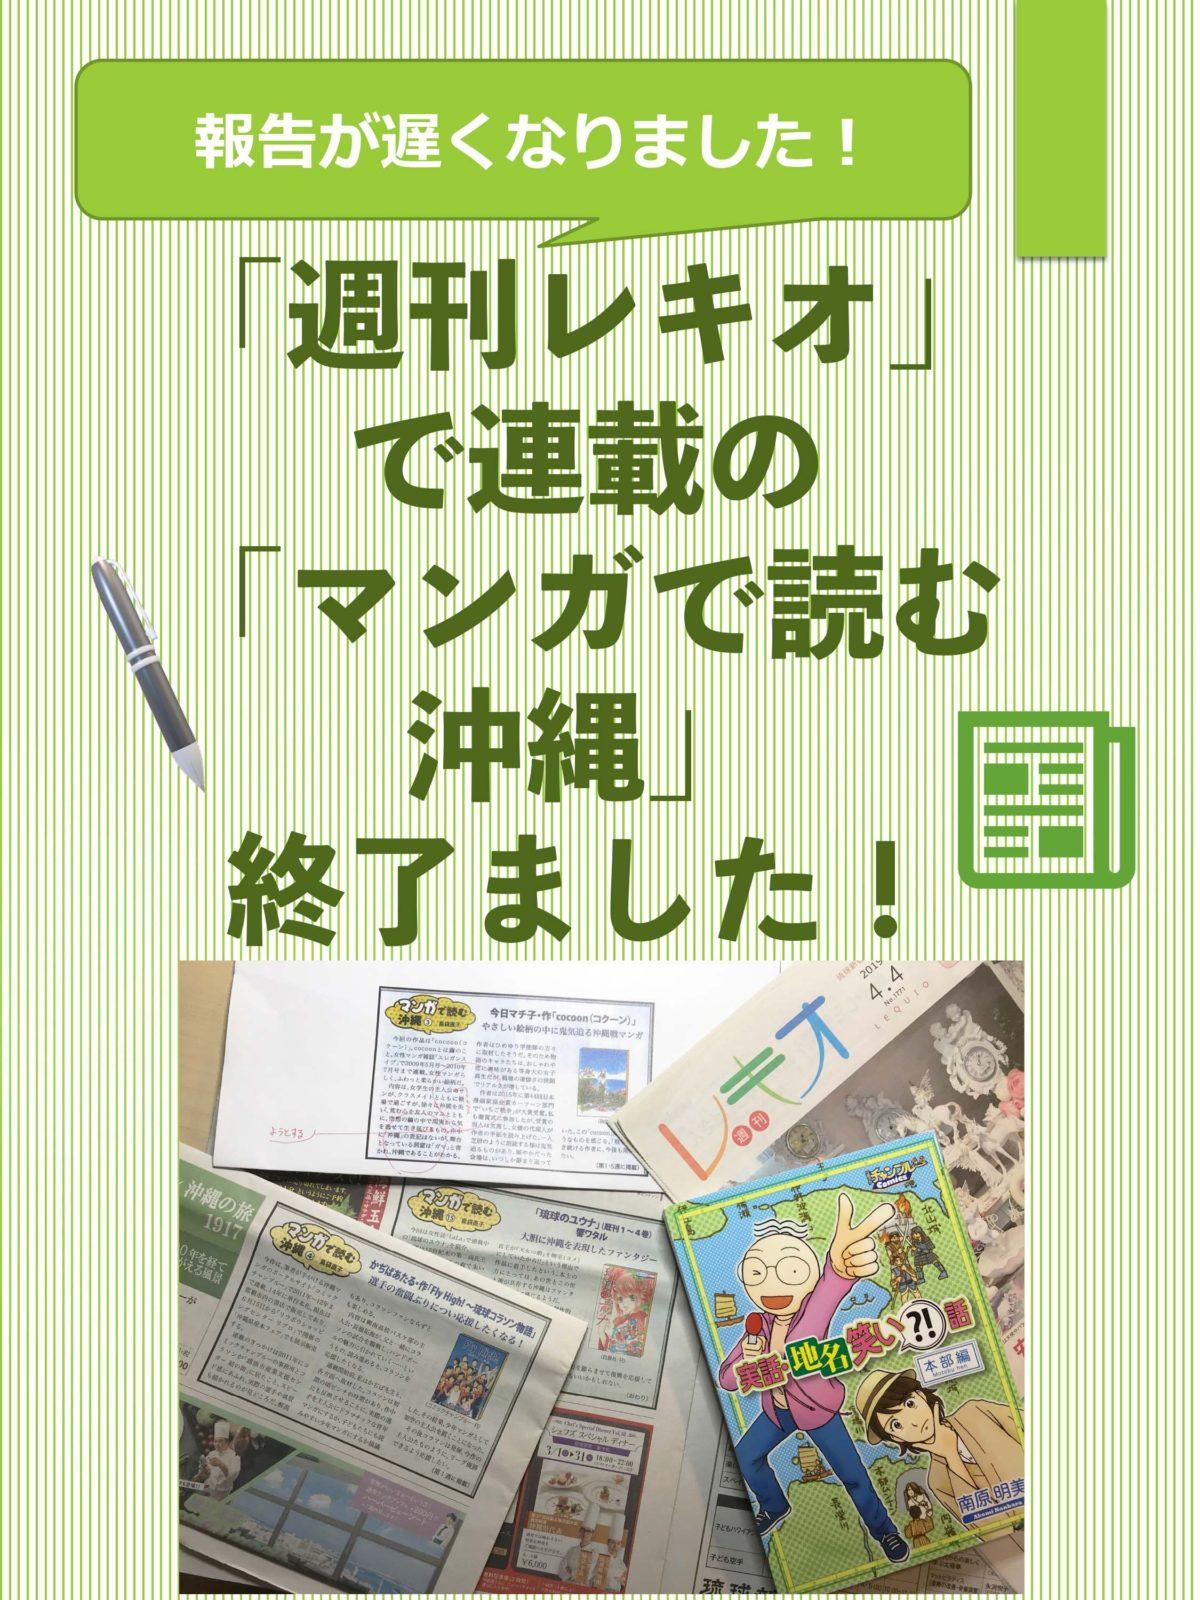 「週刊レキオ」で連載の「マンガで読む沖縄」終了ました! 報告が遅くなりました!